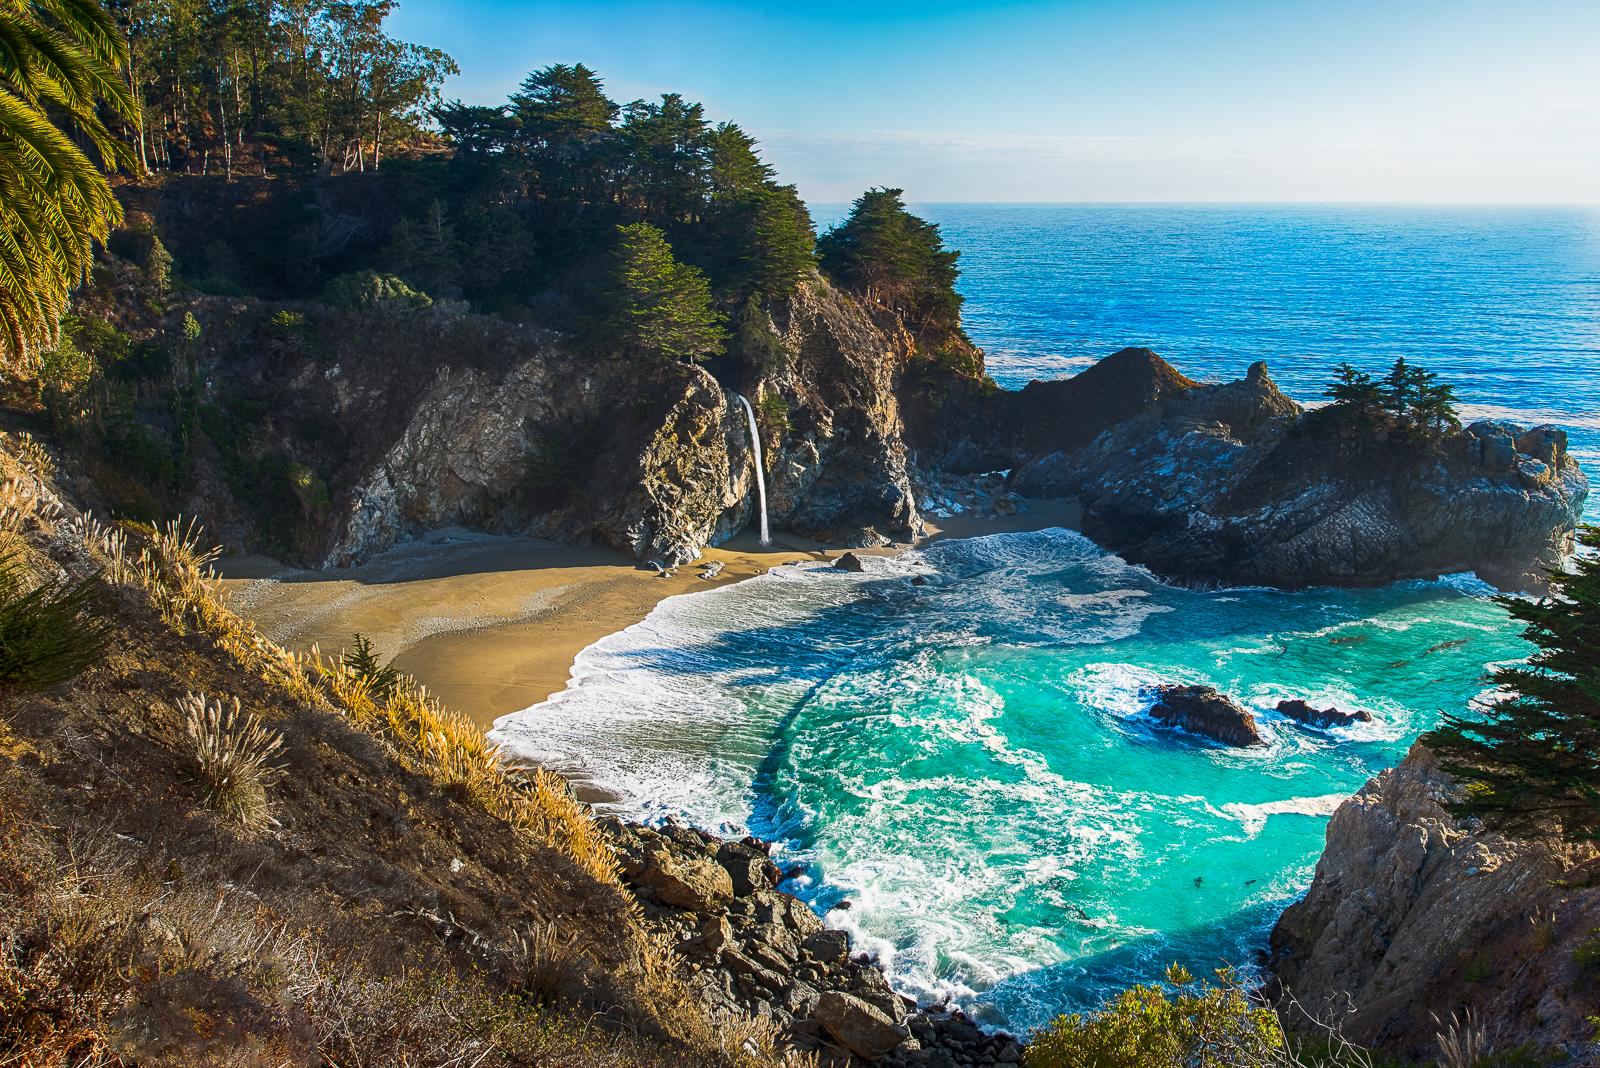 Bay Big Sur California By Alierturk On Deviantart